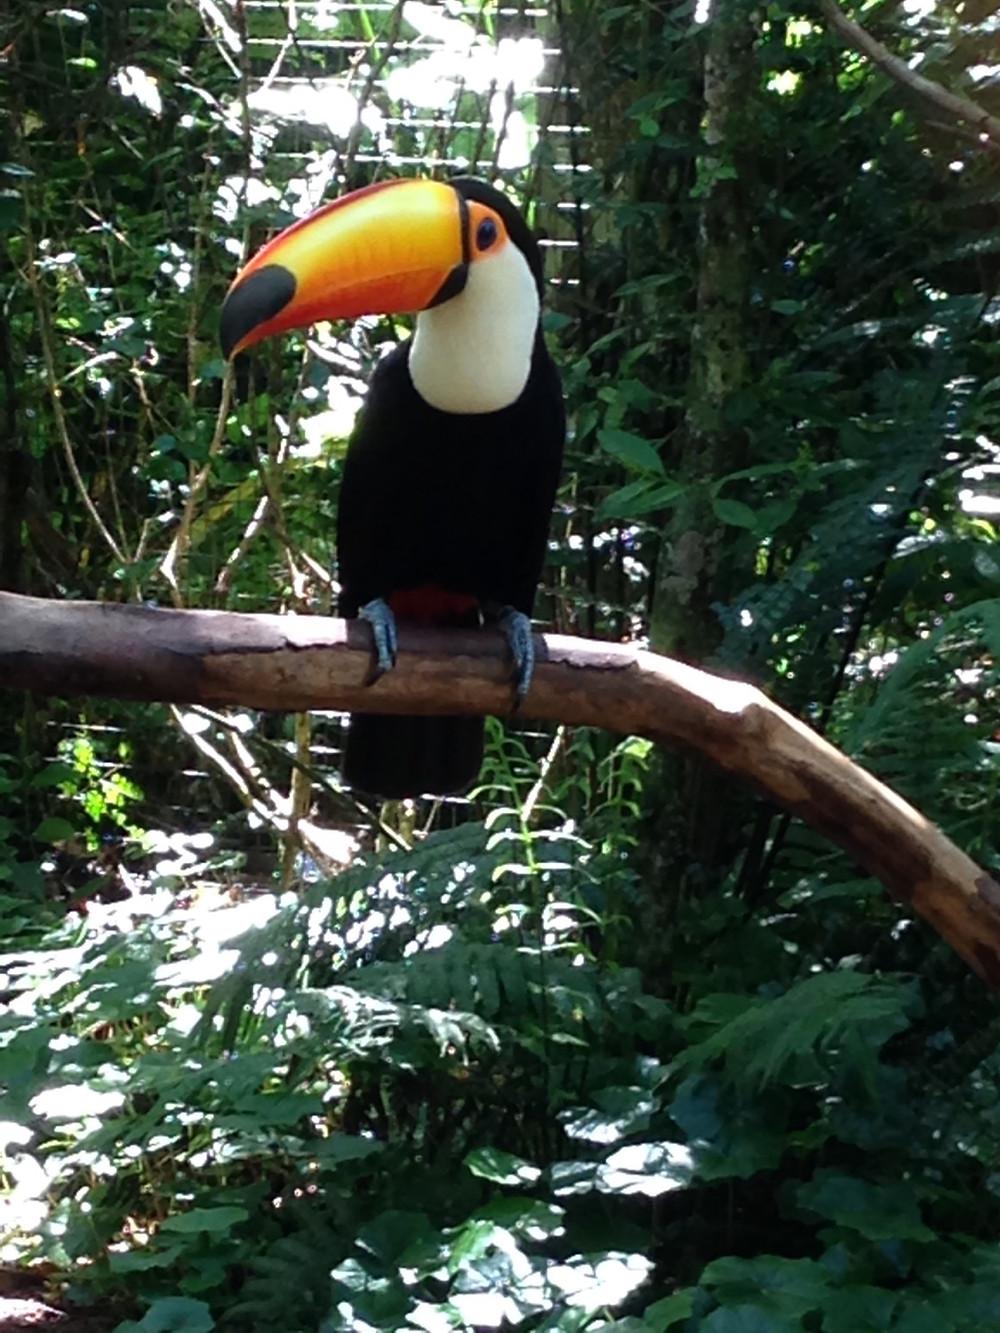 Parque-das-Aves-Reisebericht-Iguacu